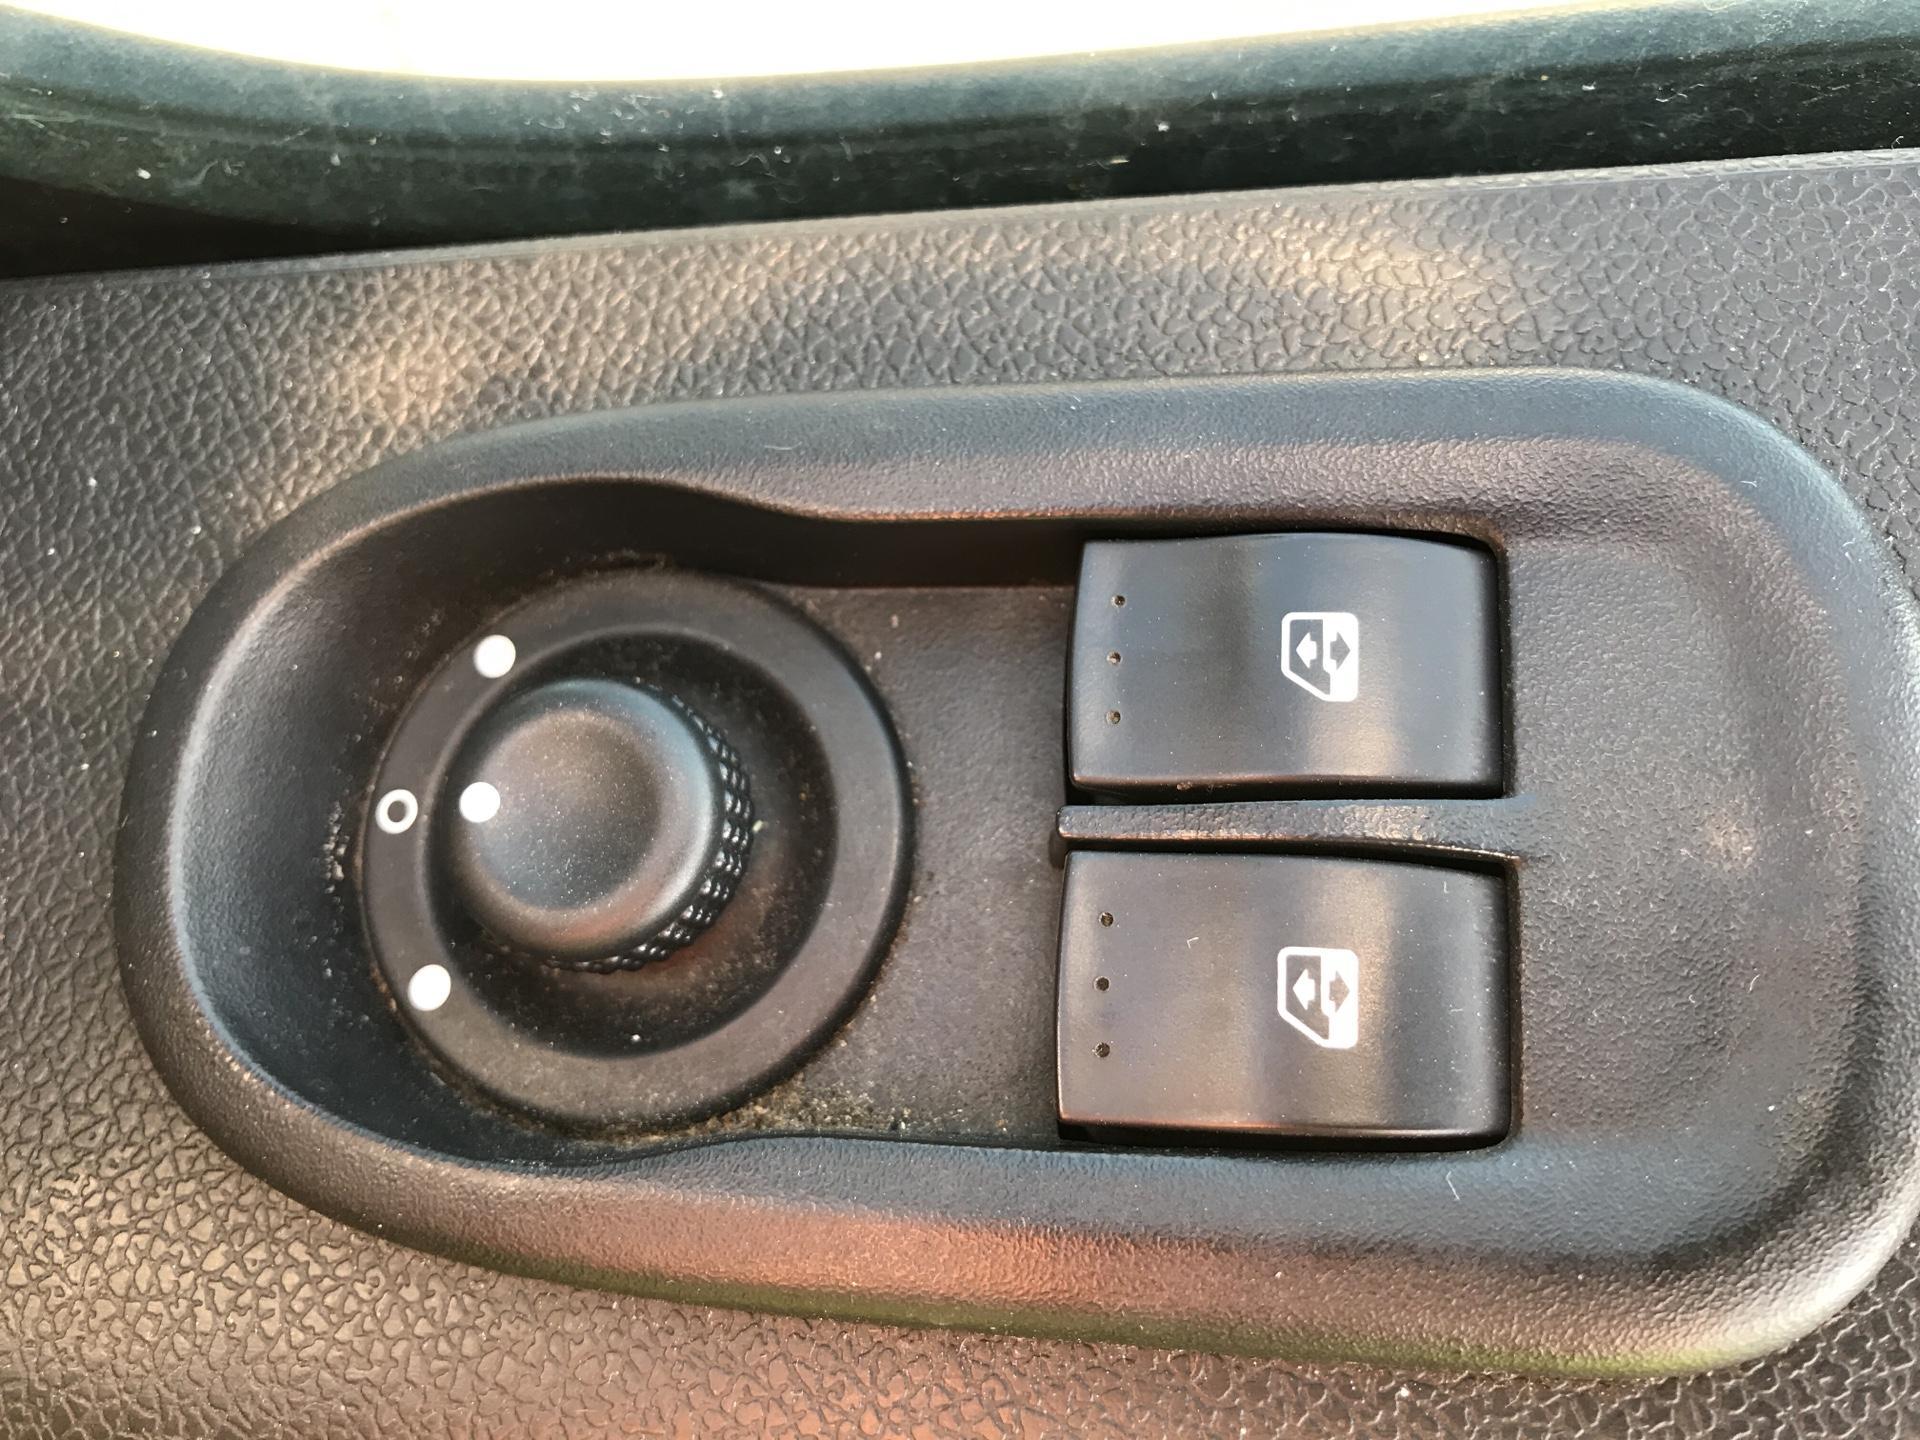 2016 Vauxhall Movano 2.3 Cdti LWB LO Loader Luton Box Van Euro 6  (DU66TBV) Image 15